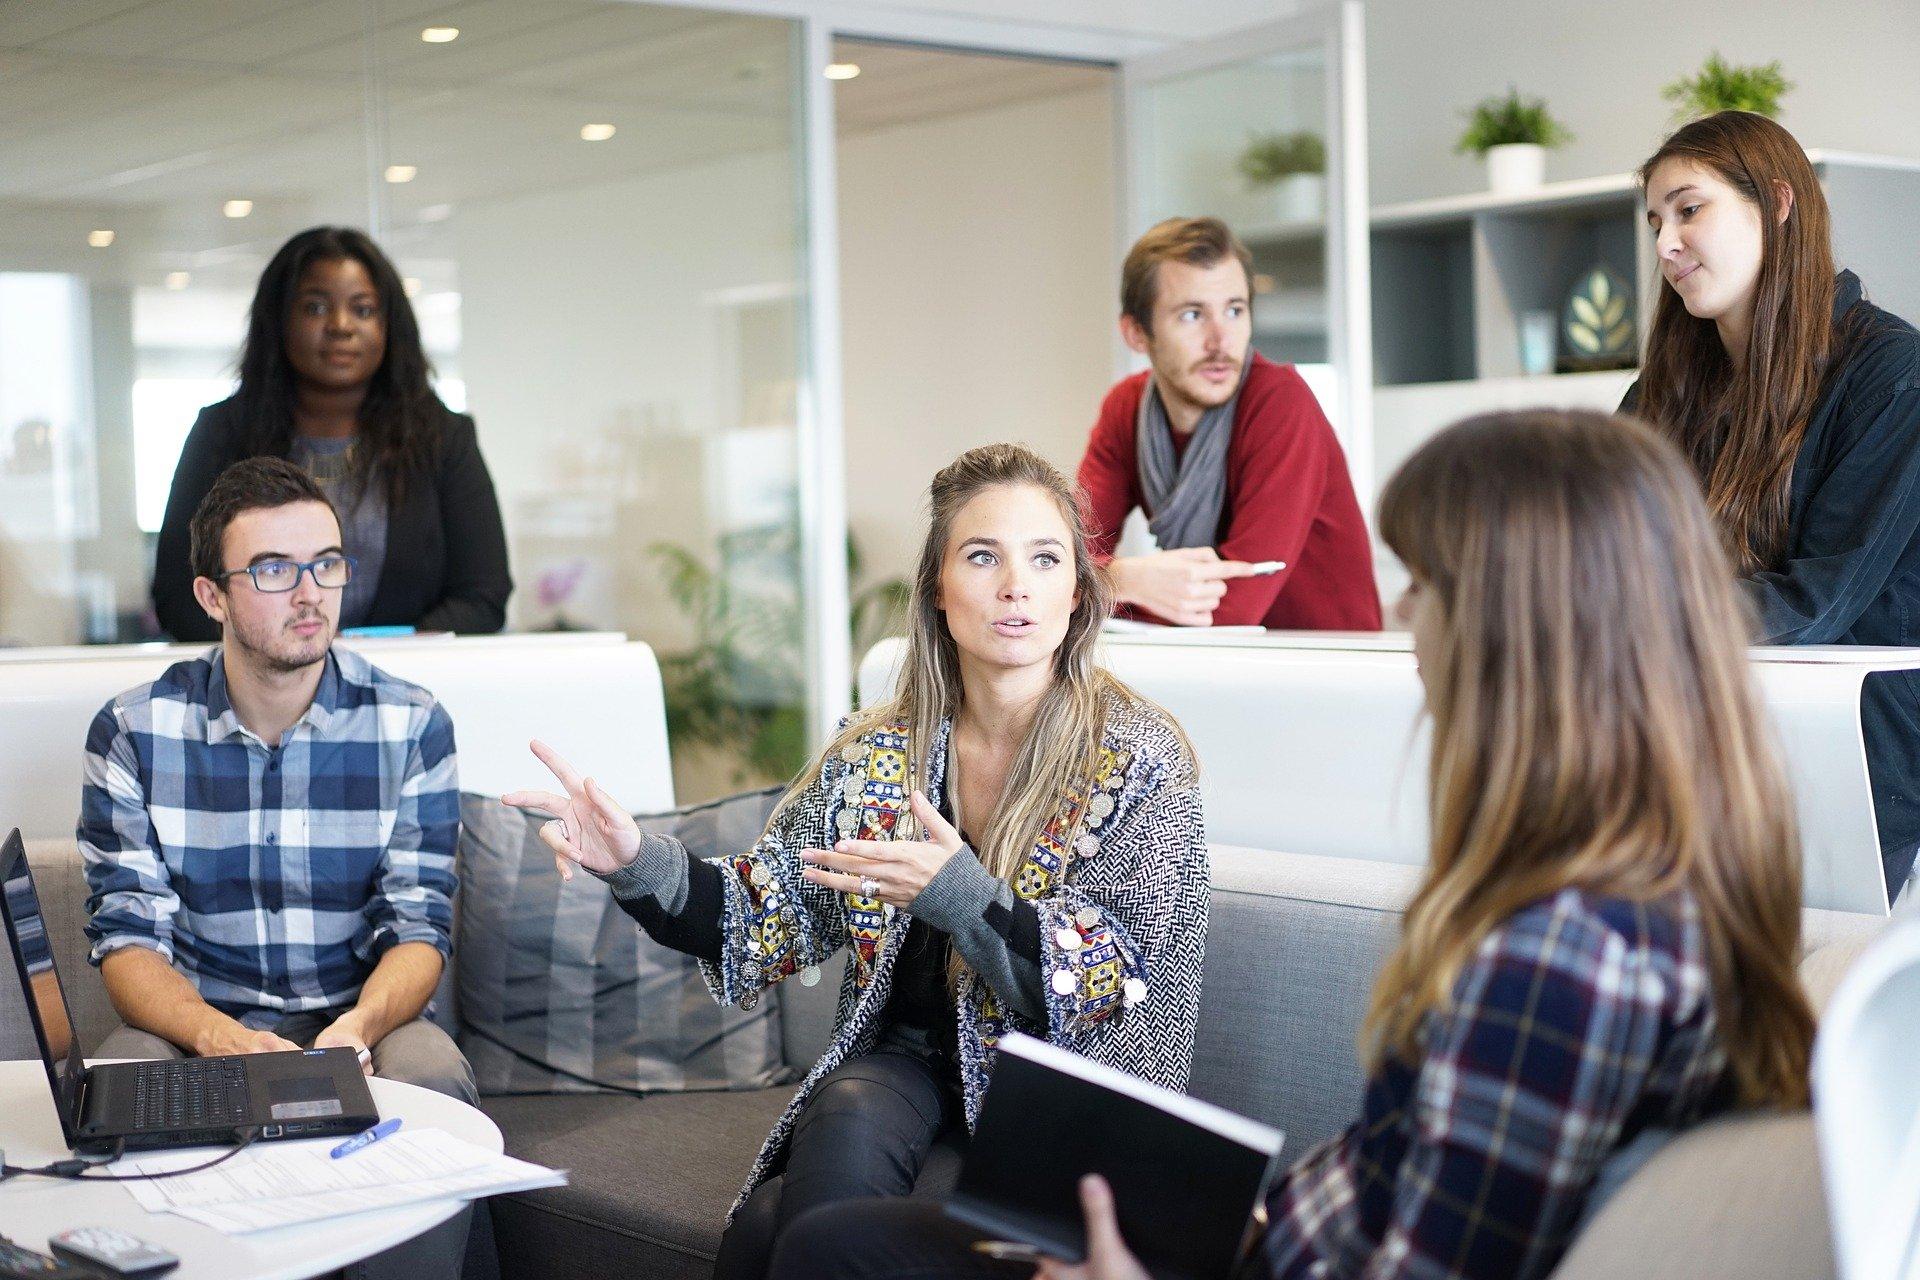 El CSIC lanza el programa Camino de 'mentoring' para doctorandos. / Pixabay